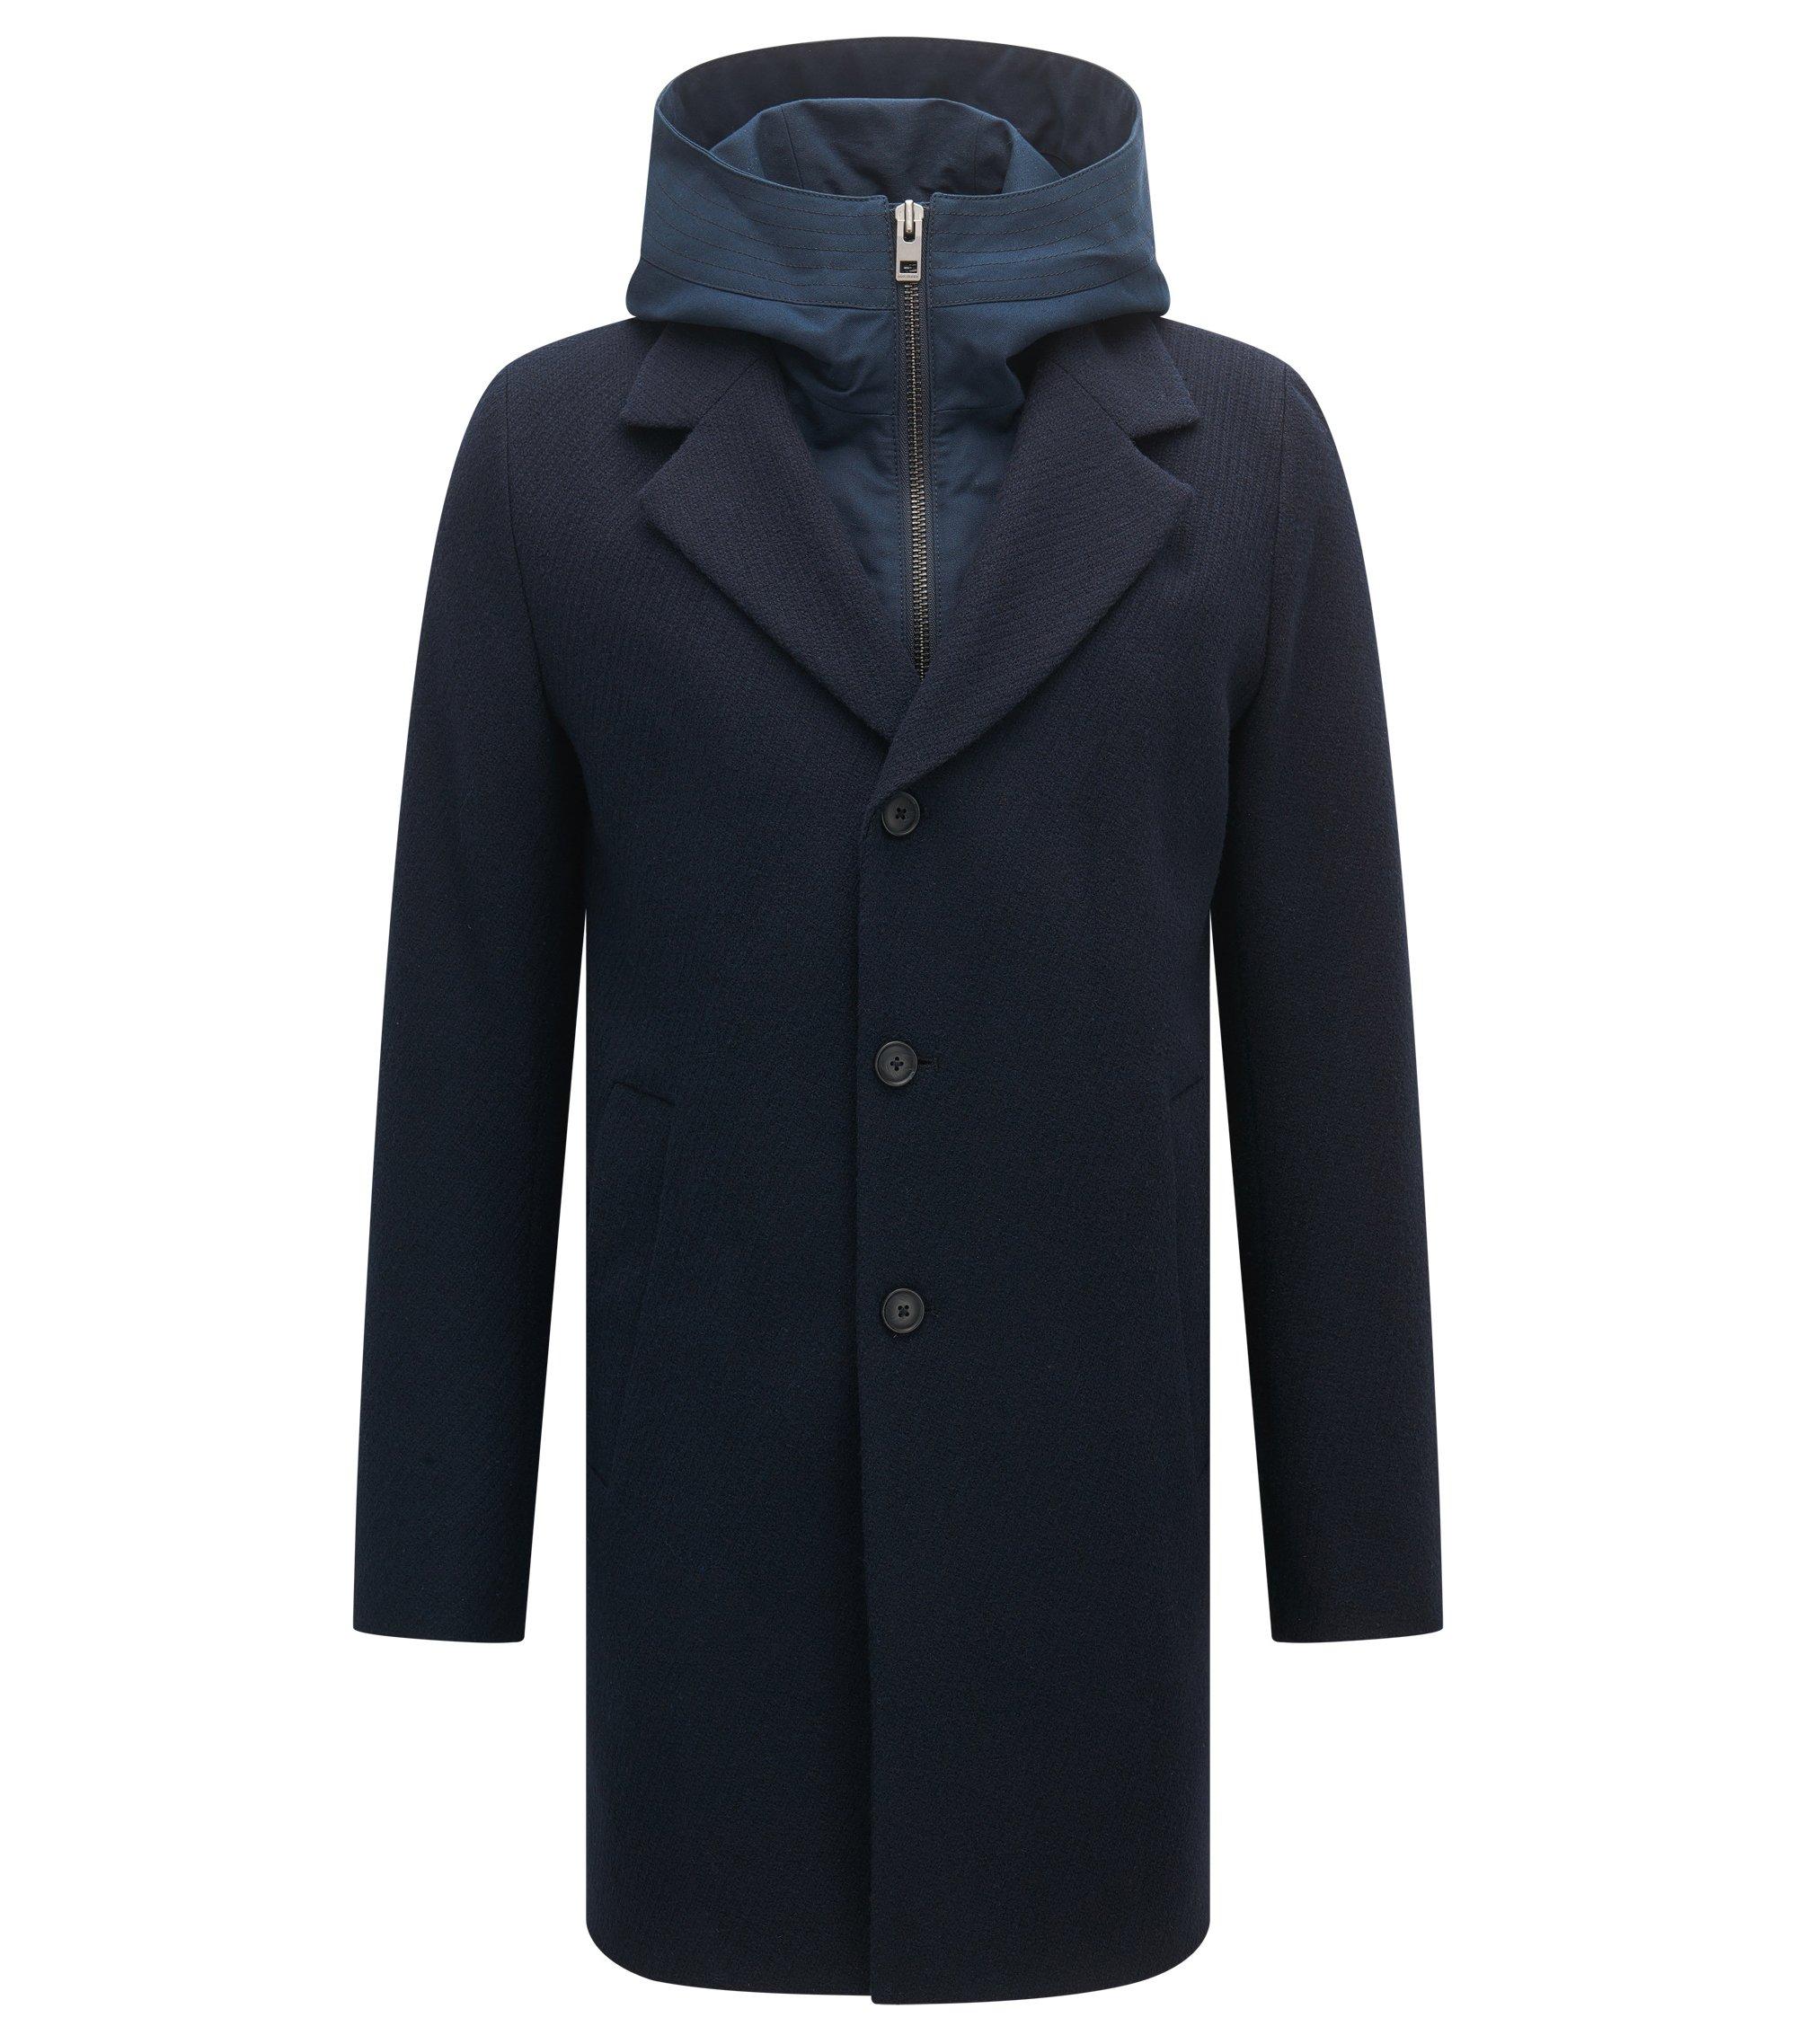 Slim-fit mantel met inzetstuk met capuchon, Donkerblauw